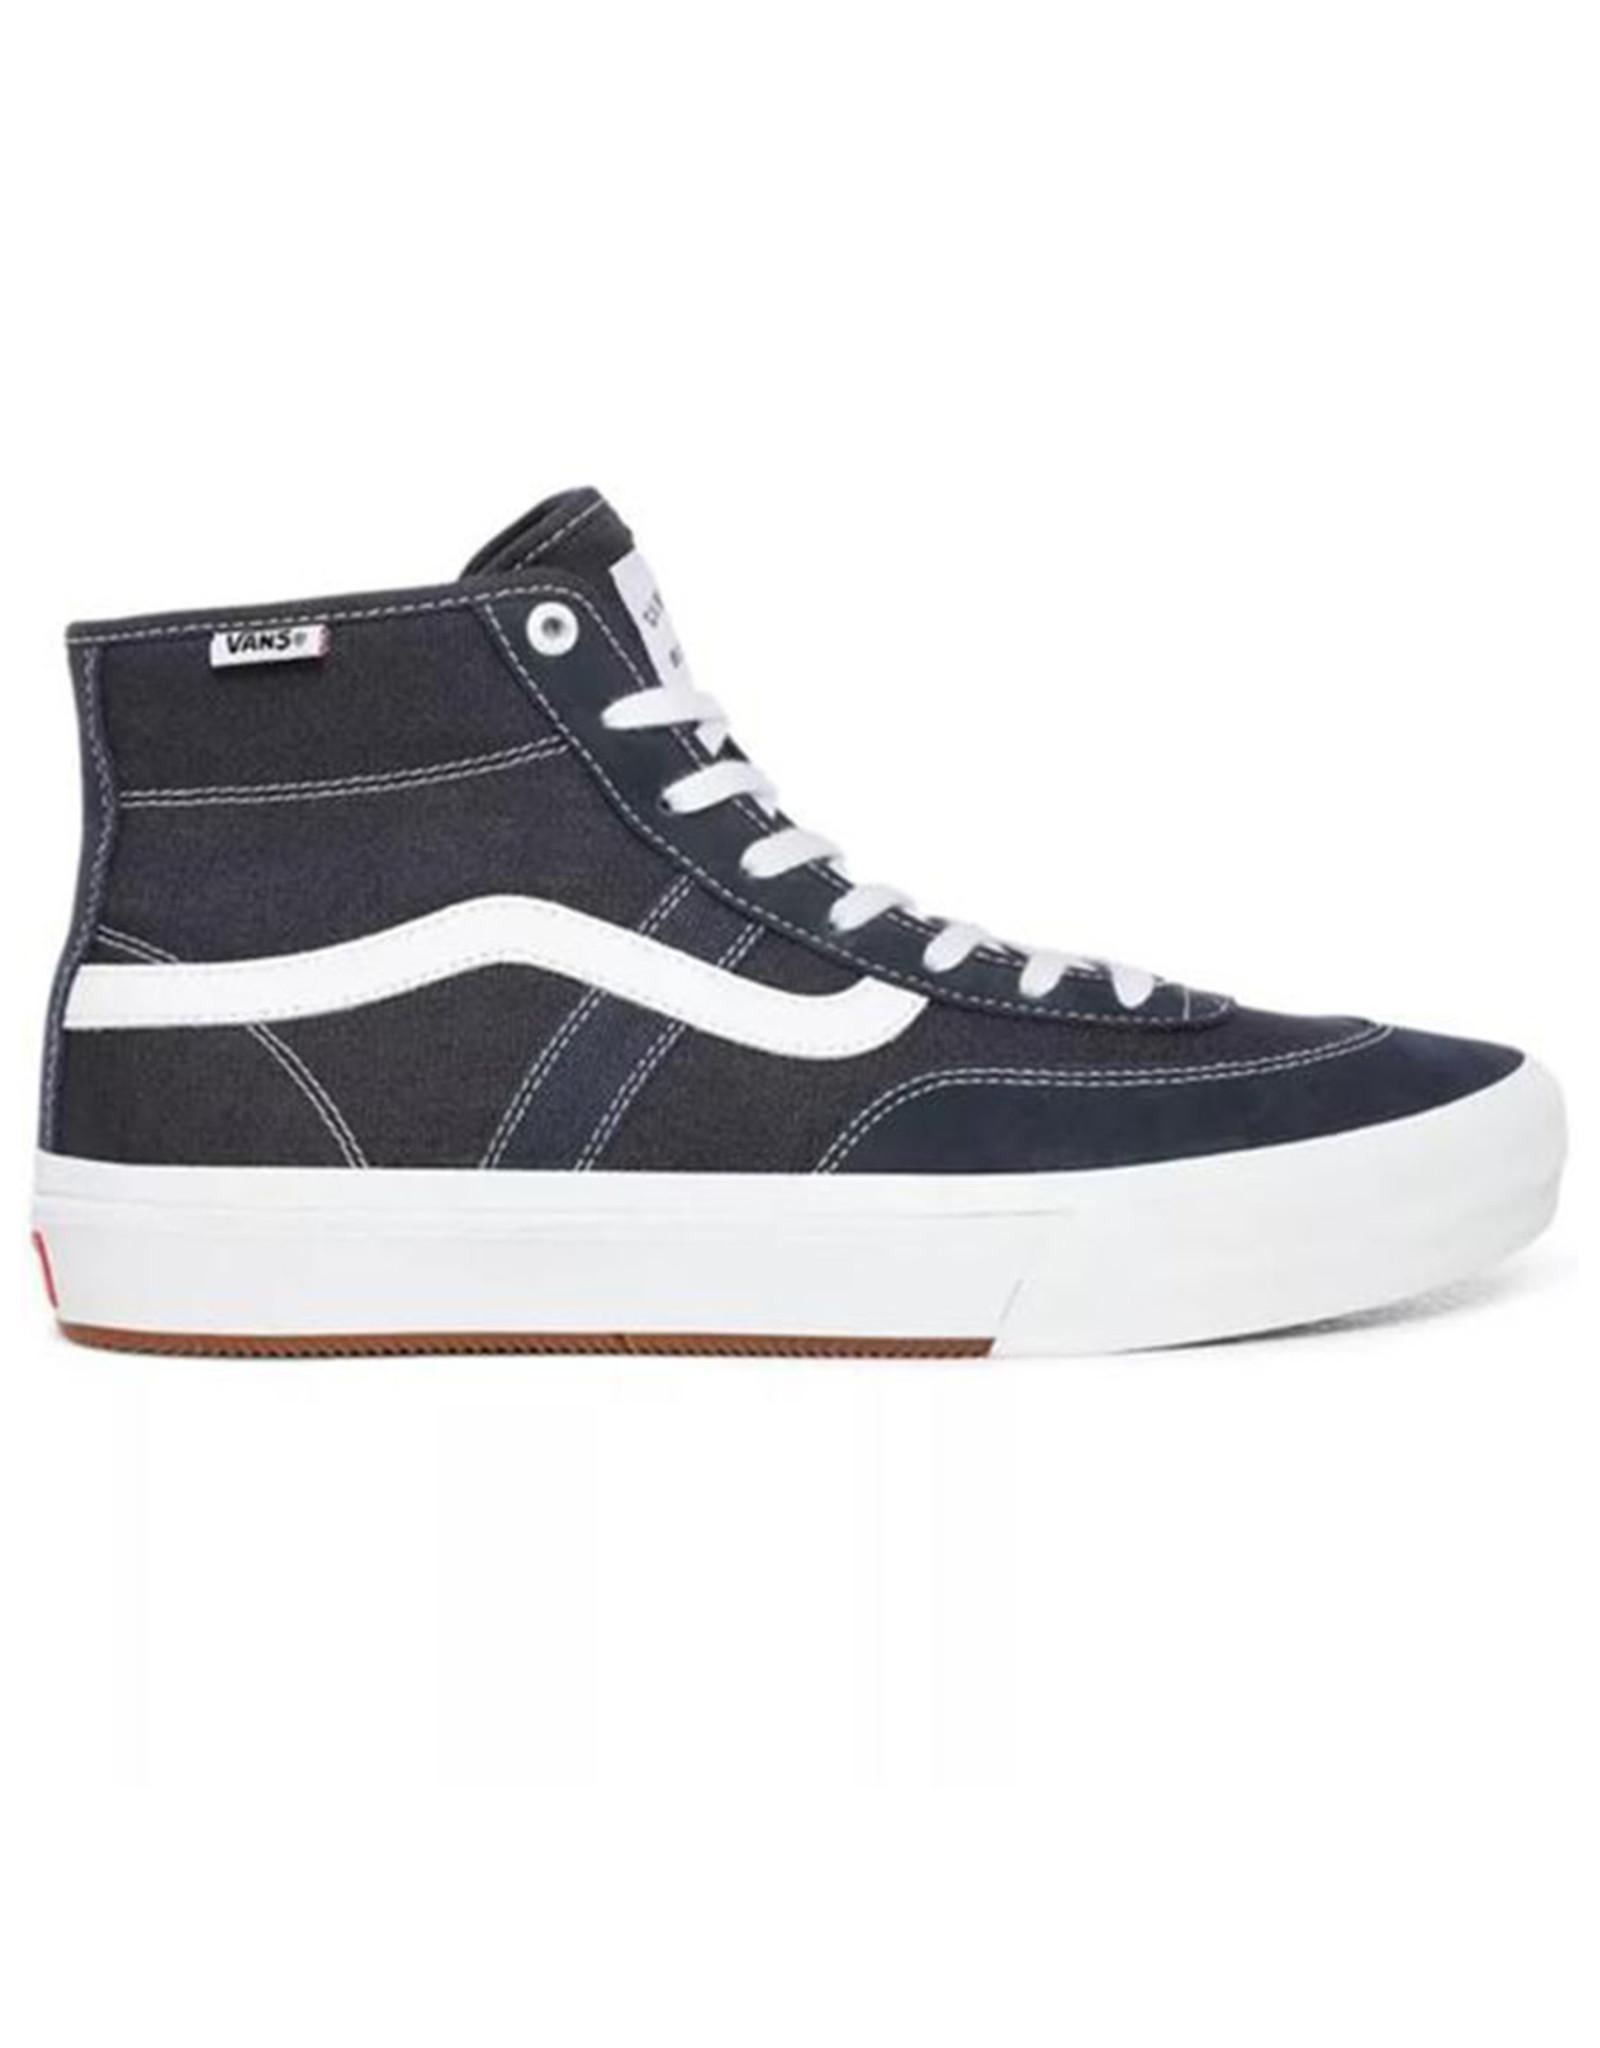 Vans Vans Shoe Pro Gilbert Crockett High (Black/White)